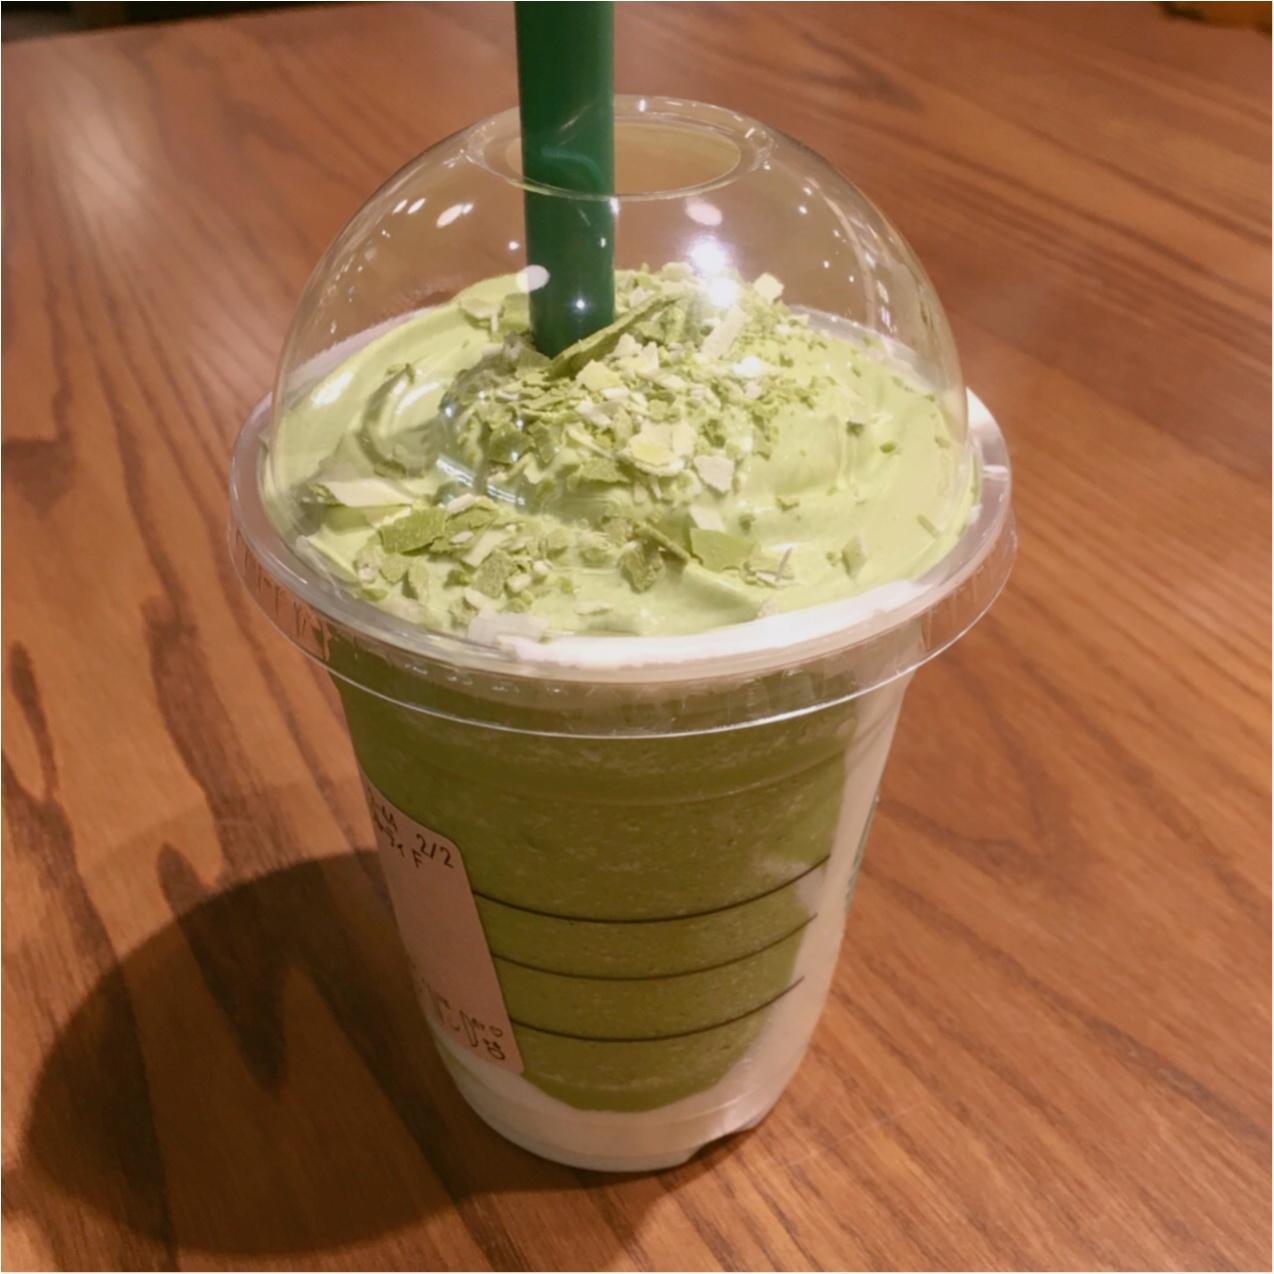 【STAR BUCKS】 クリーミーで美味しい♪ 抹茶&フルーティマスカルポーネフラペチーノ》が発売中です♡♡_3